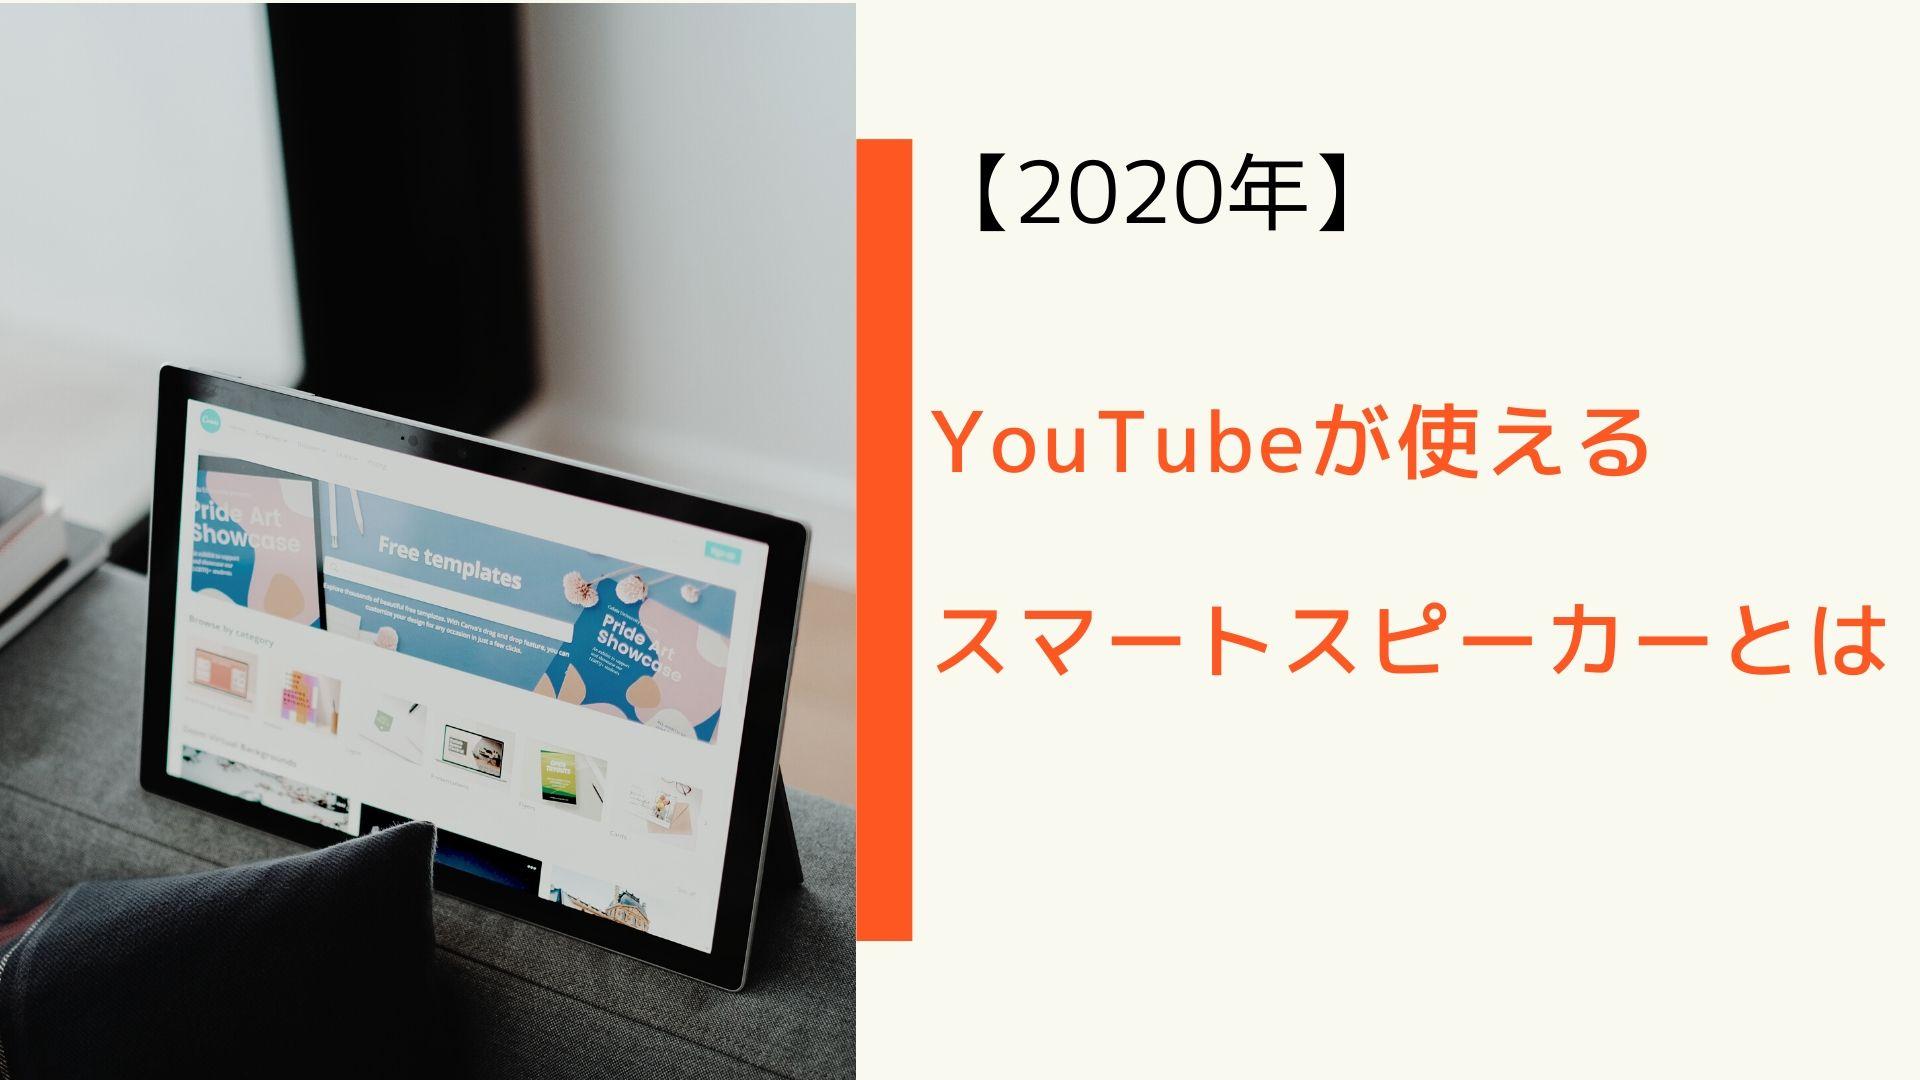 YouTubeが使えるスマートスピーカーとは